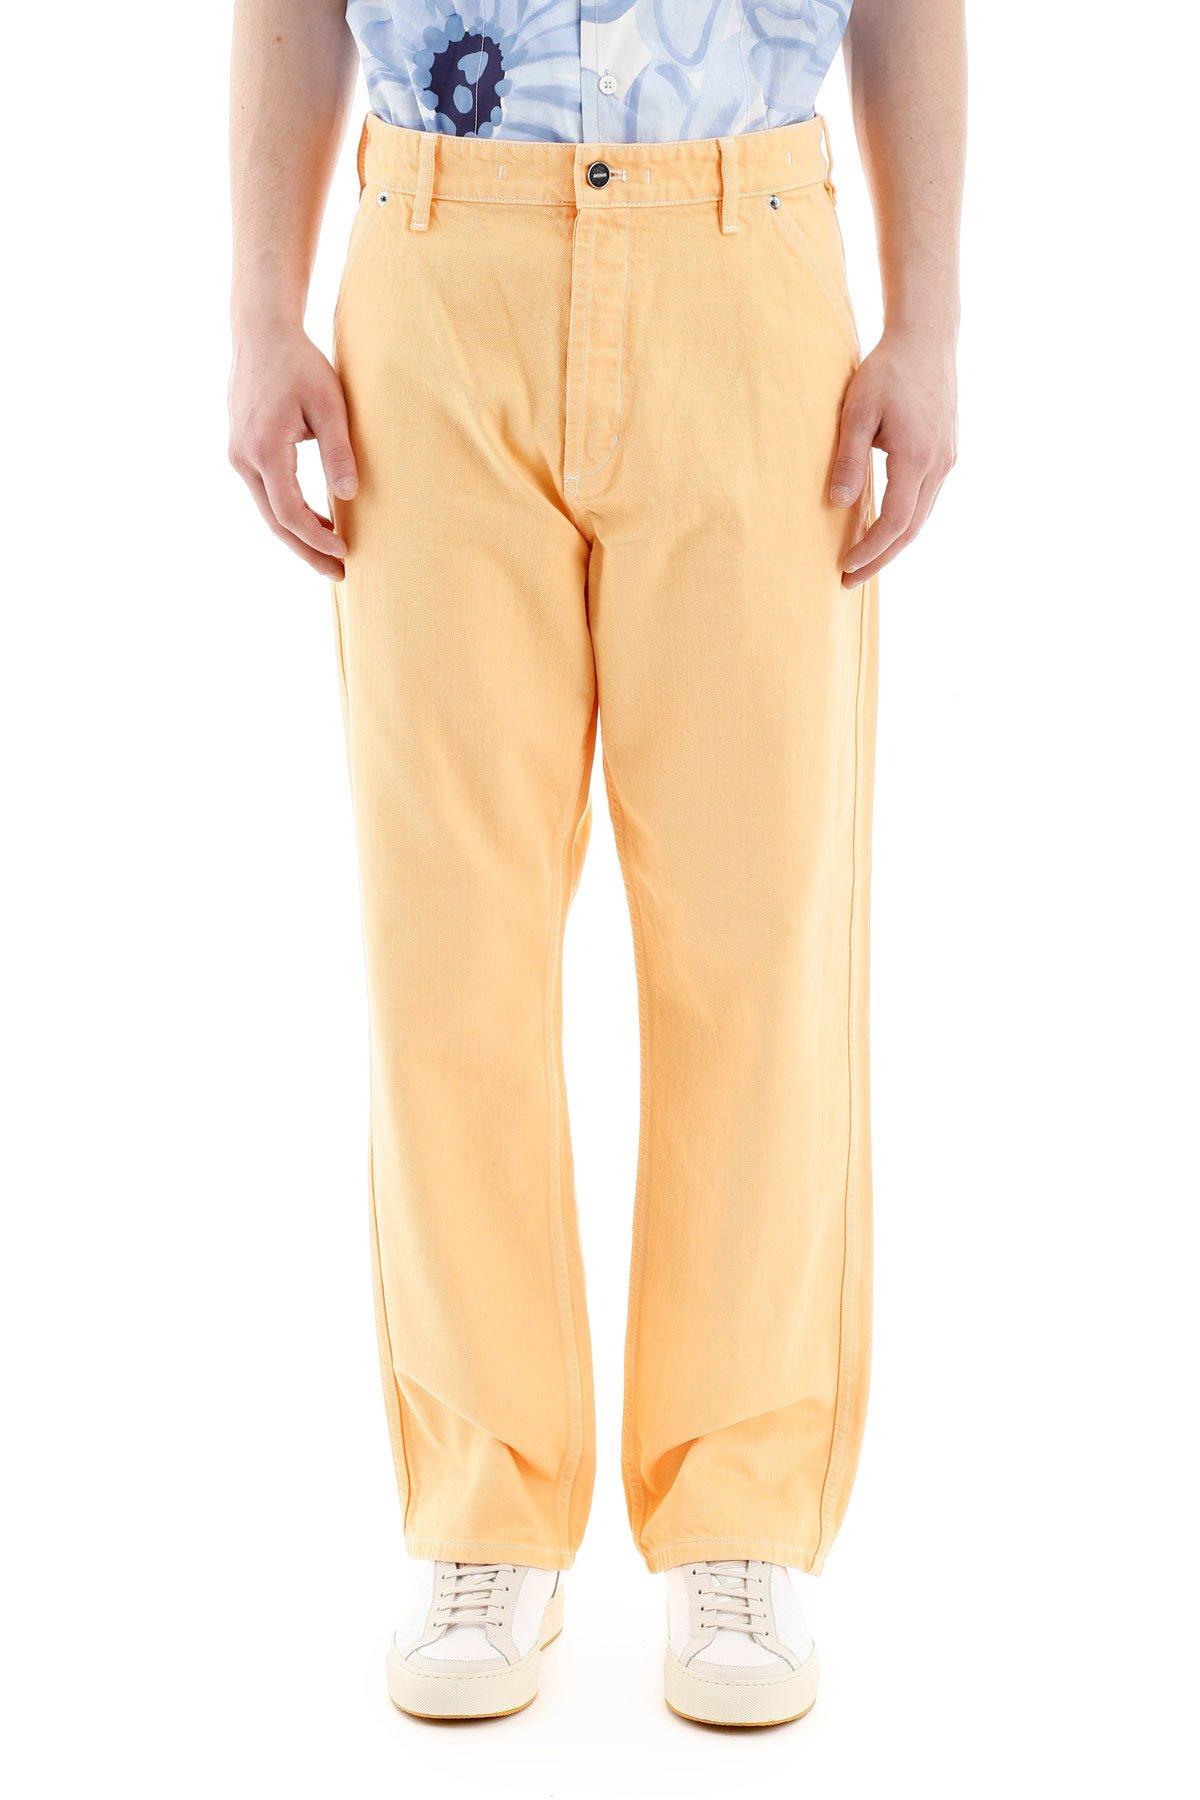 Jacquemus jeans le de nimes soleil